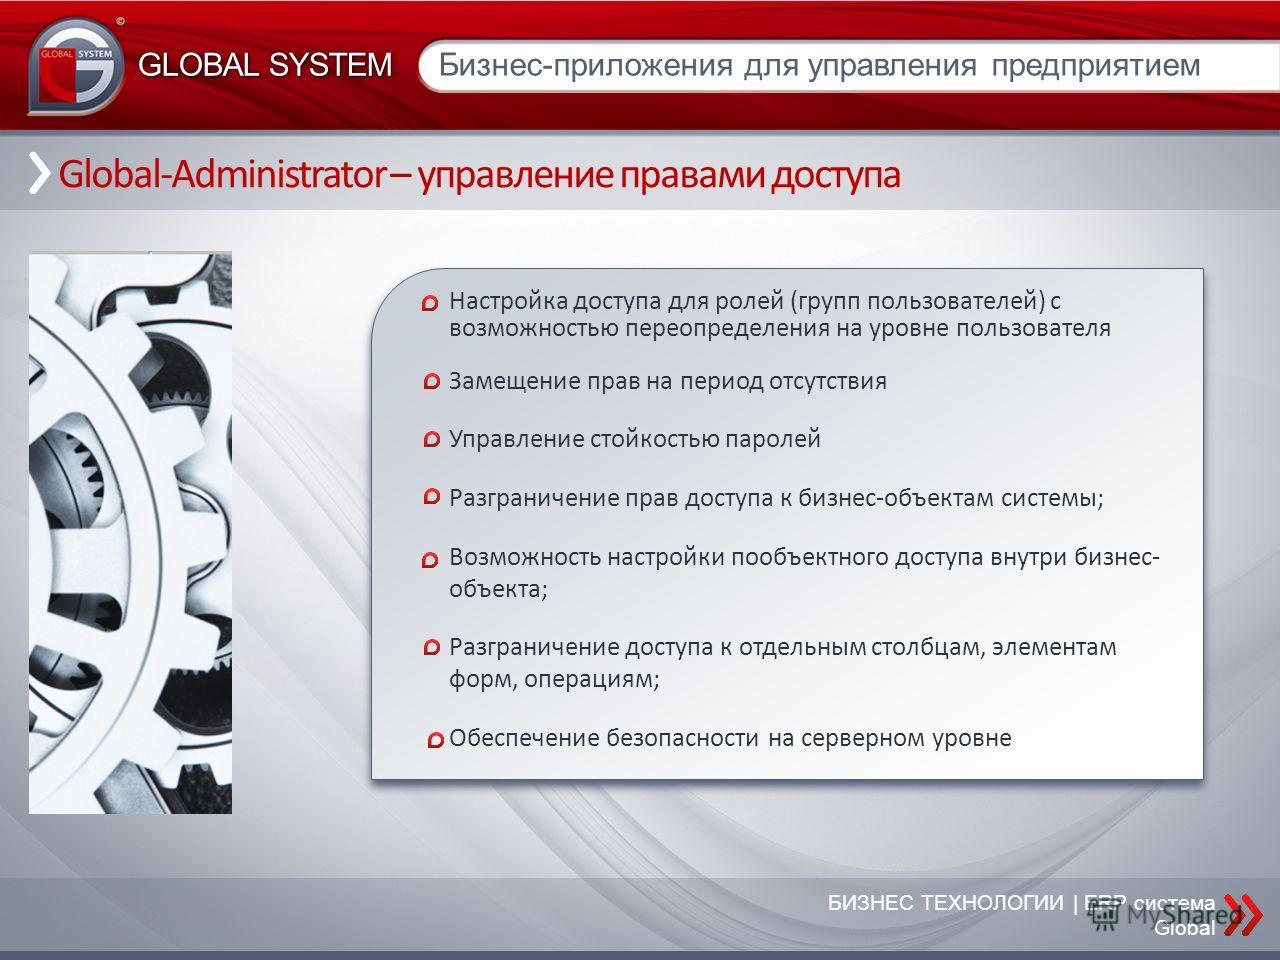 БИЗНЕС ТЕХНОЛОГИИ | ERP система Global Global-Administrator – управление правами доступа Бизнес-приложения для управления предприятием GLOBAL SYSTEM Настройка доступа для ролей (групп пользователей) с возможностью переопределения на уровне пользовате